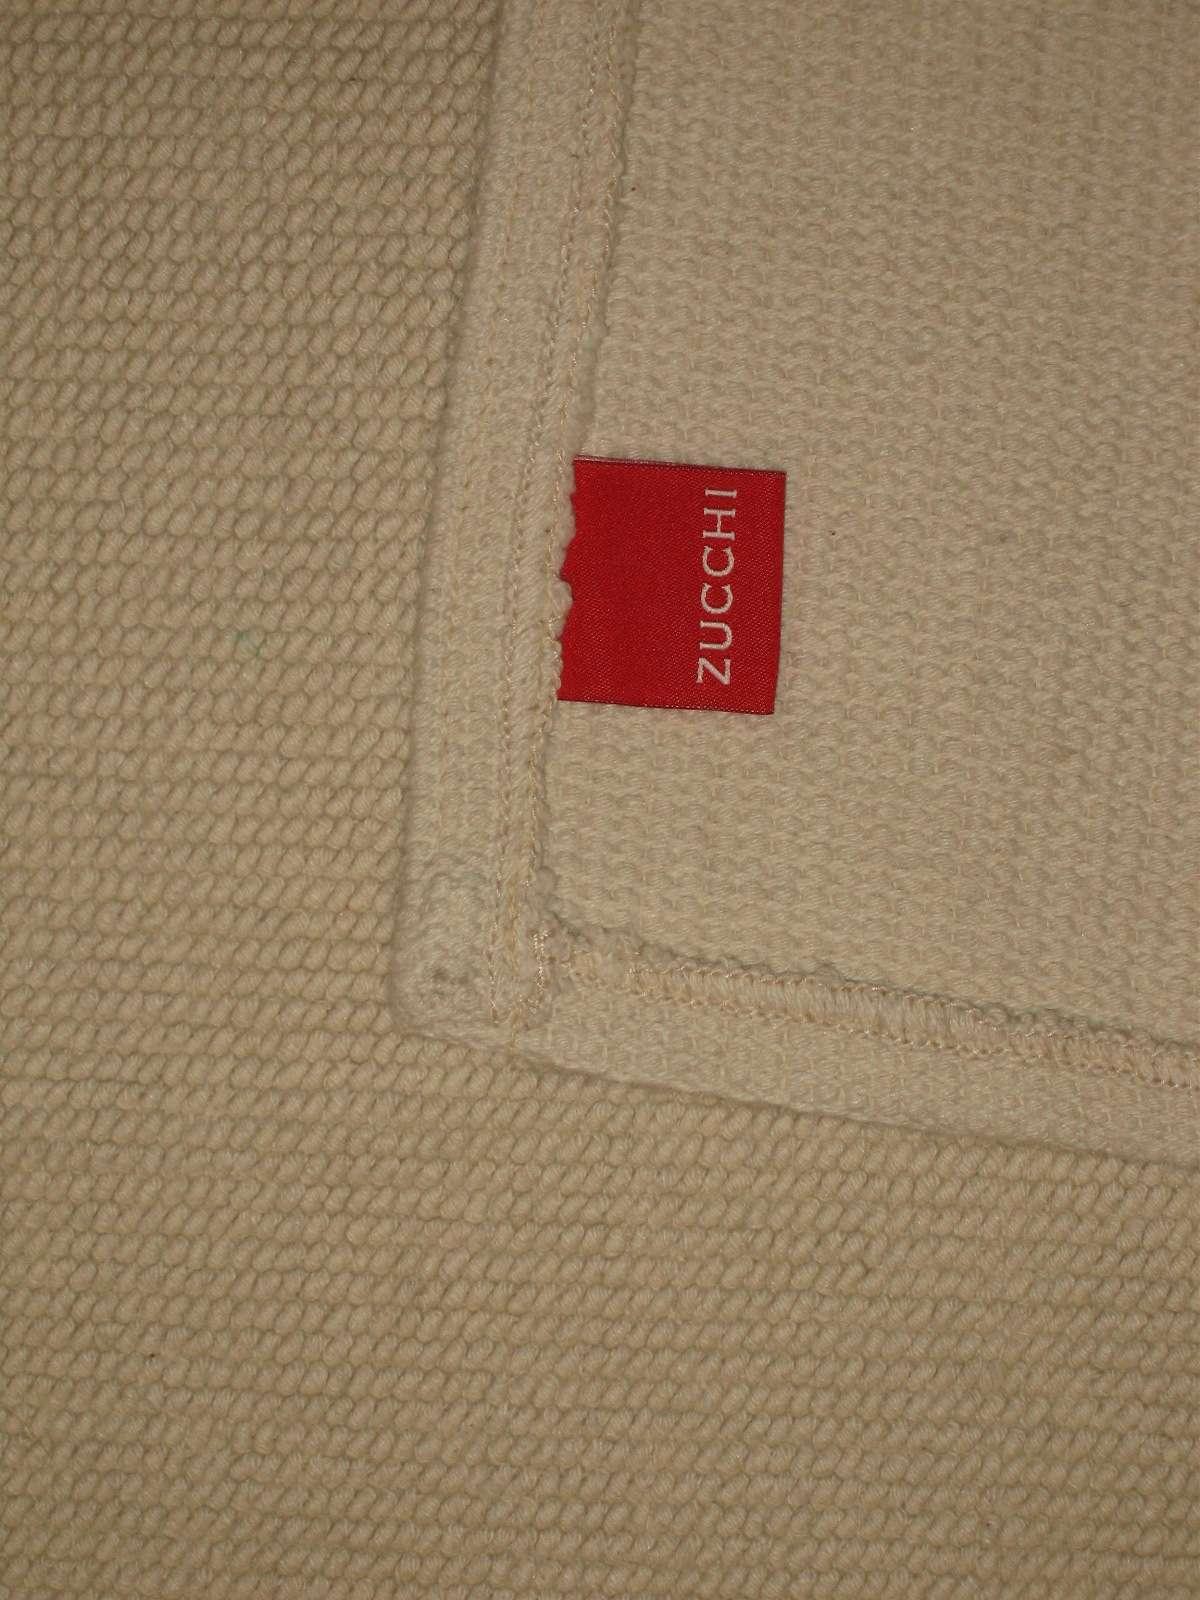 M73 tappeto arredo bagno zucchi ecoemotion cm 50 80 cotone - Tappeti bagno zucchi ...